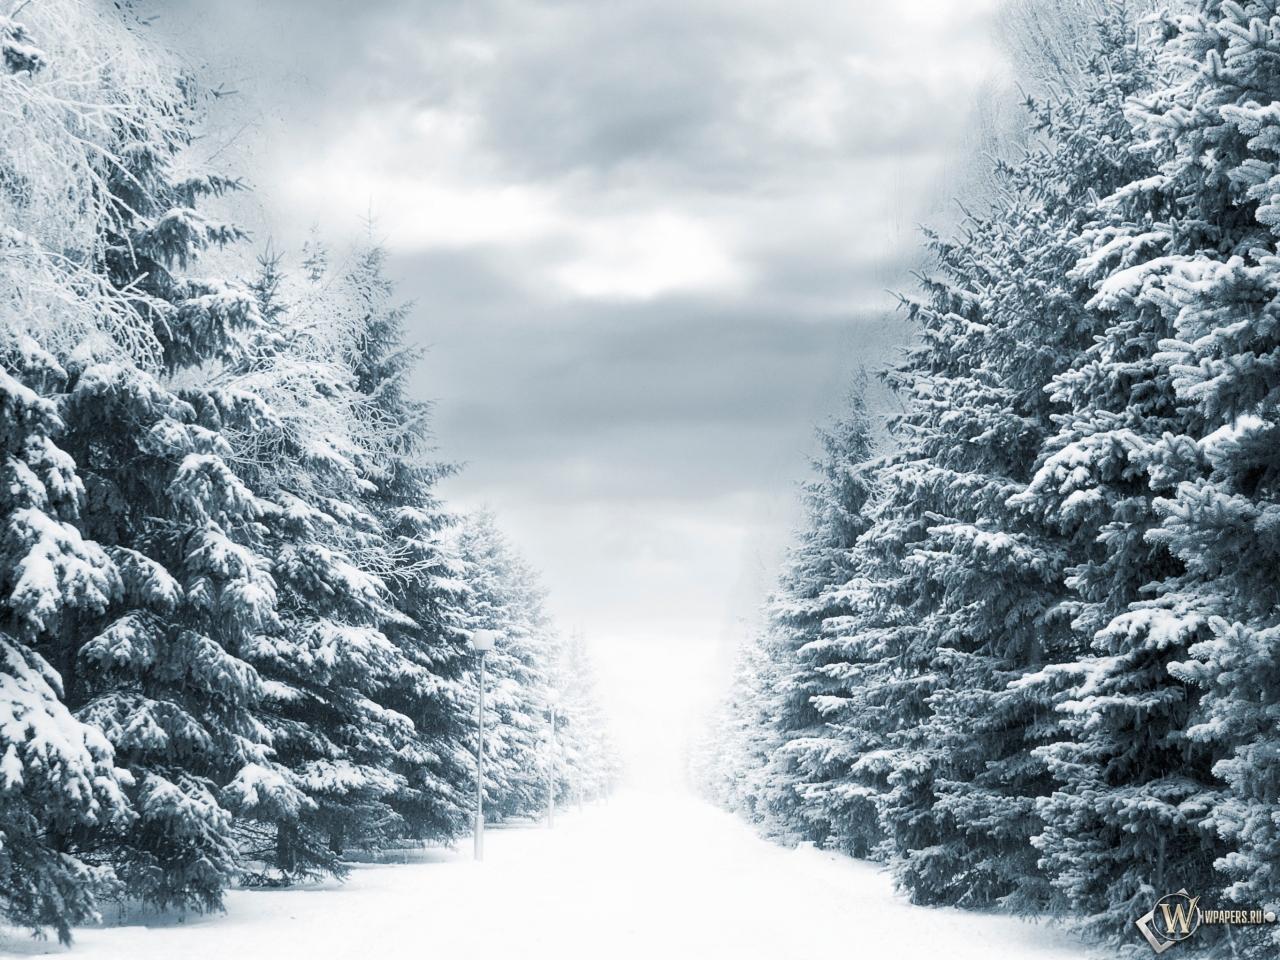 Зимняя аллея 1280x960